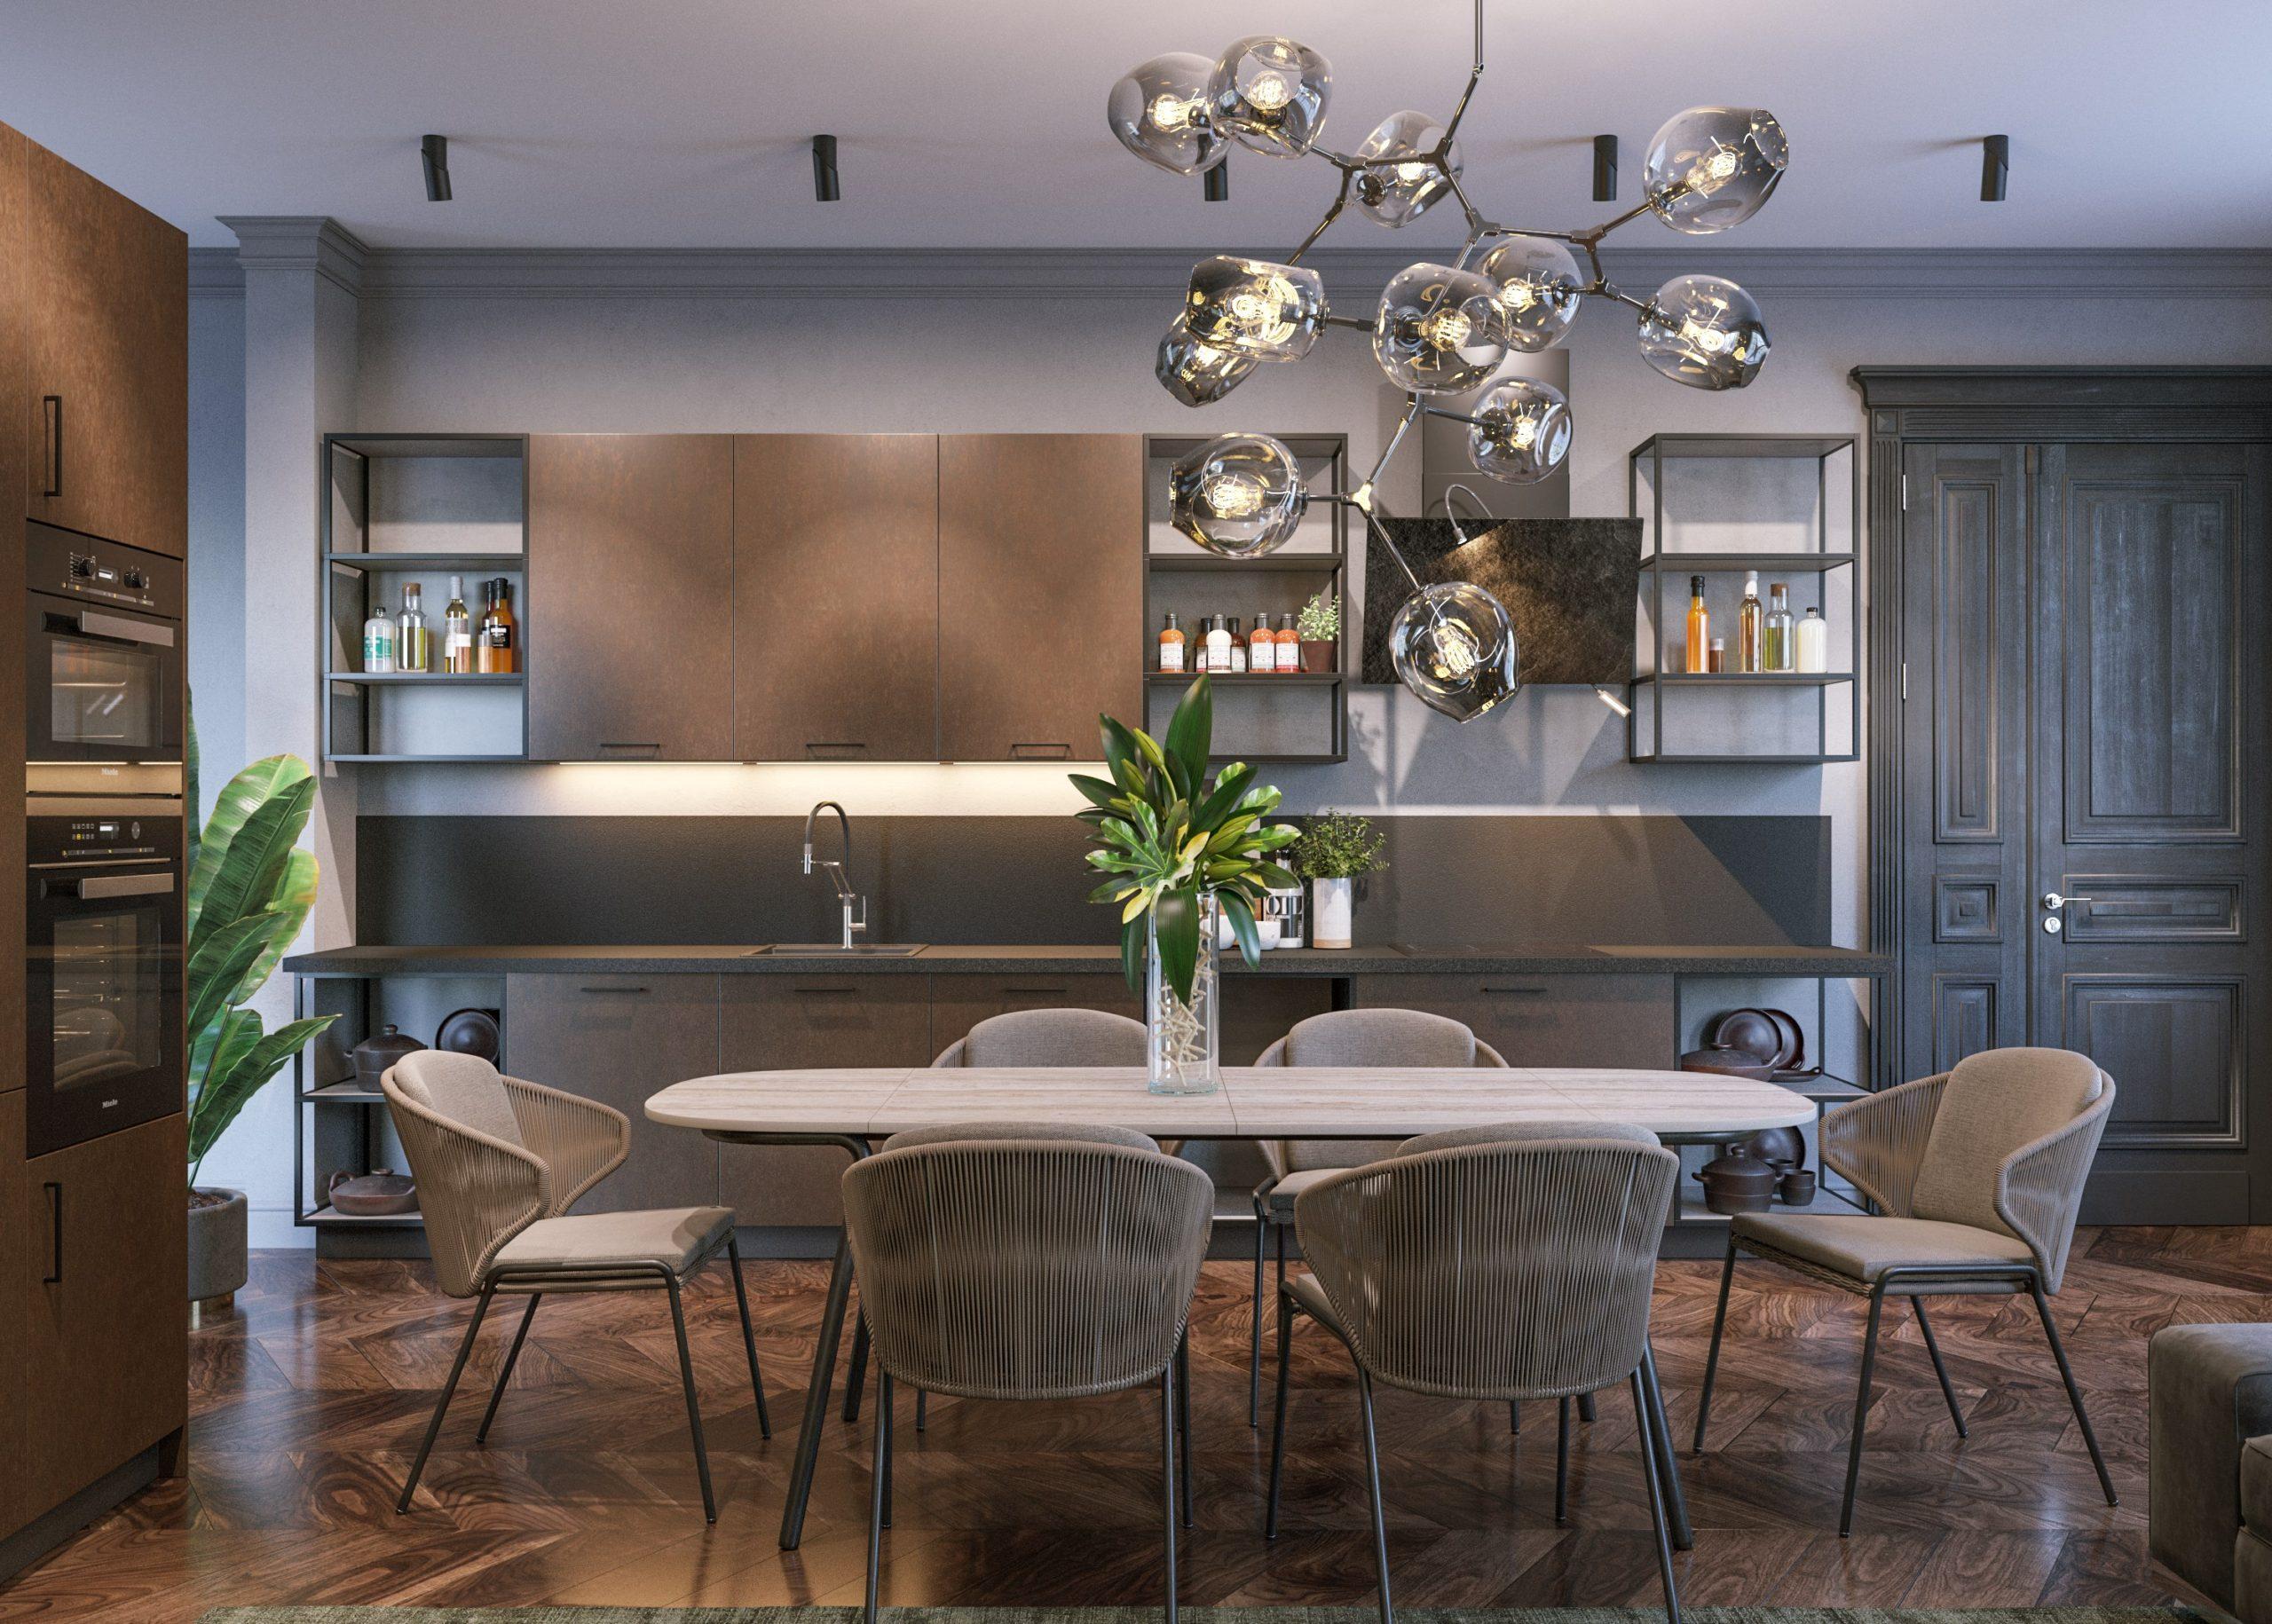 Кухня Interium Модерн.112 - стильно и оригиинально